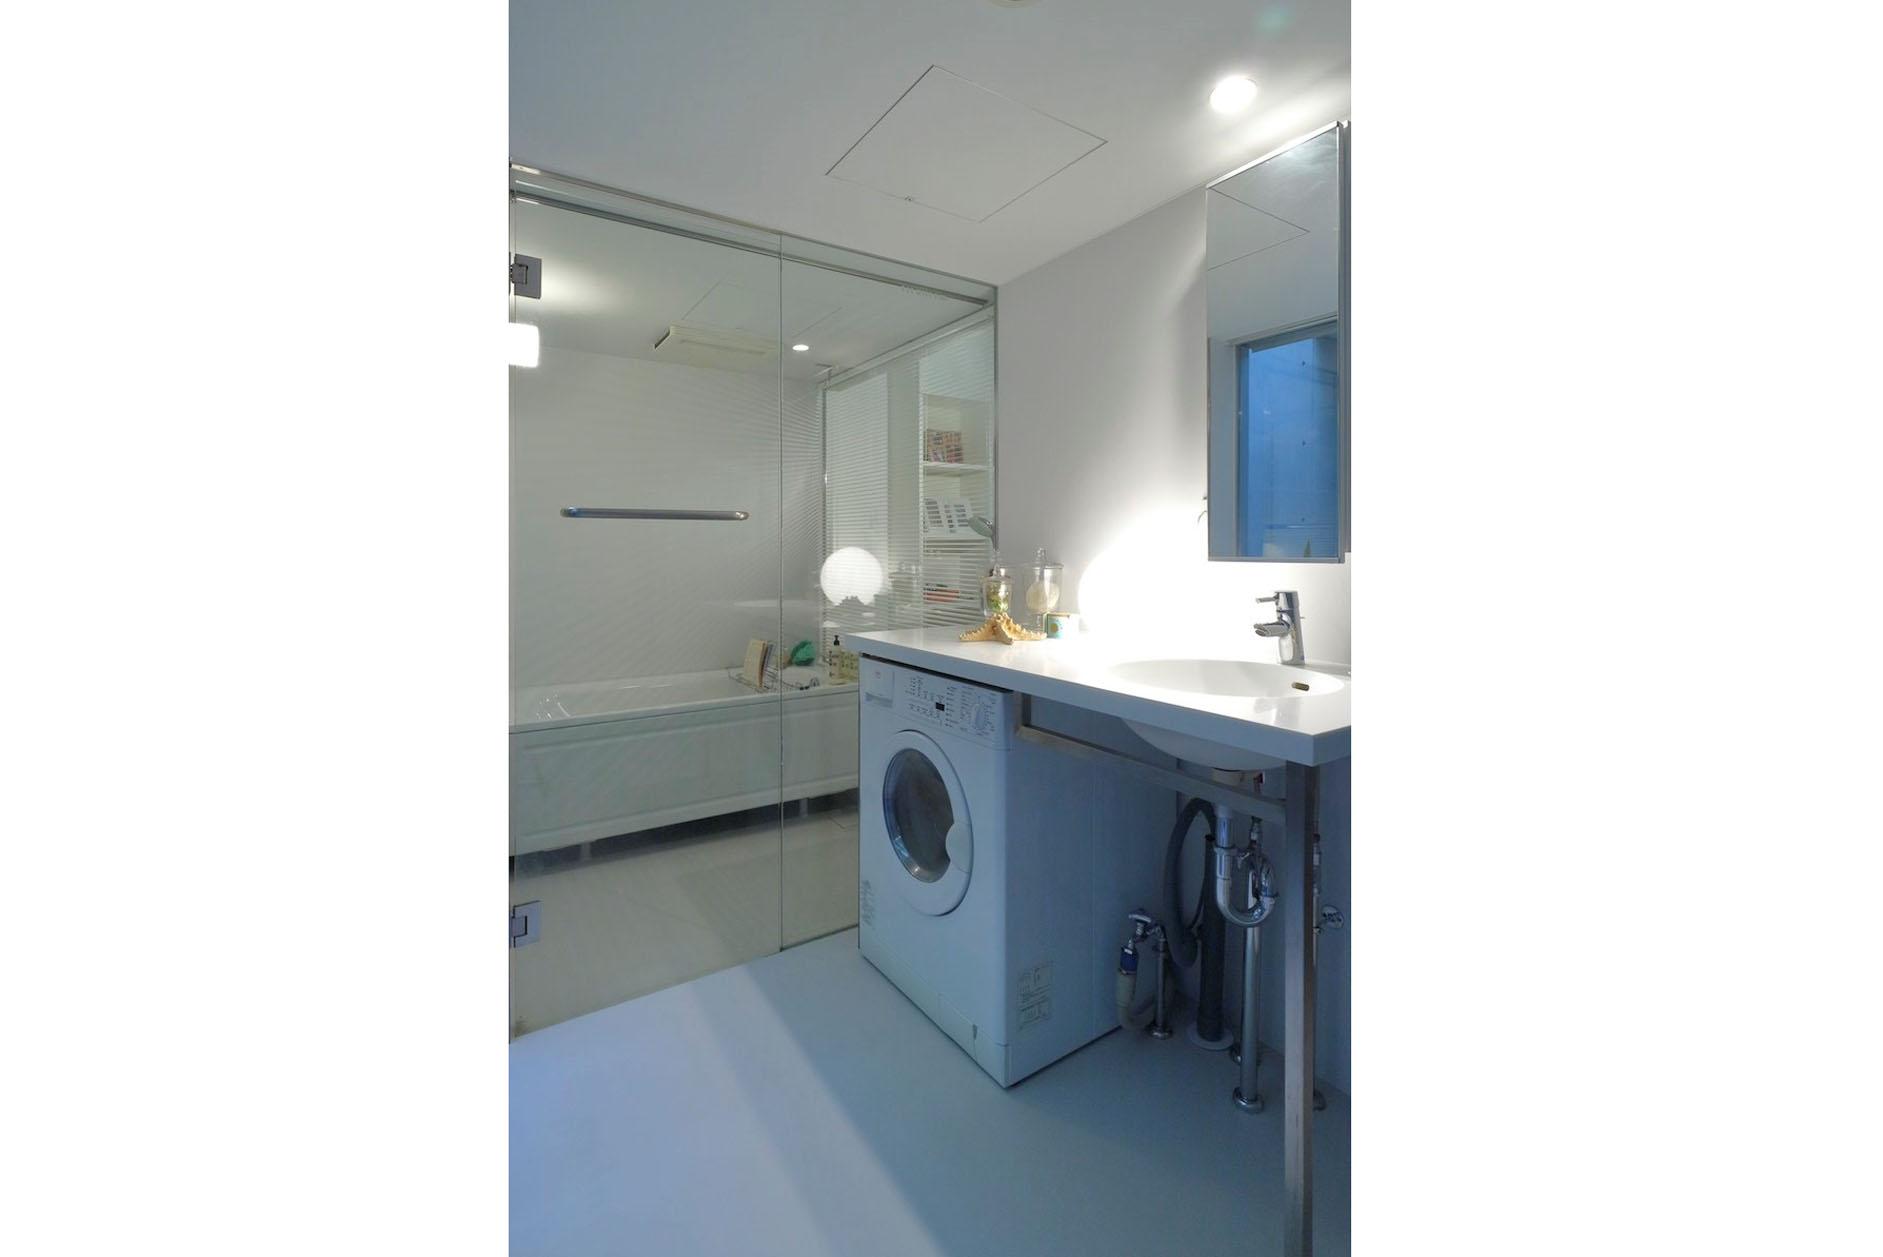 サニタリー(ドラム式洗濯機付き、ガラス張りのバスルーム) イメージ